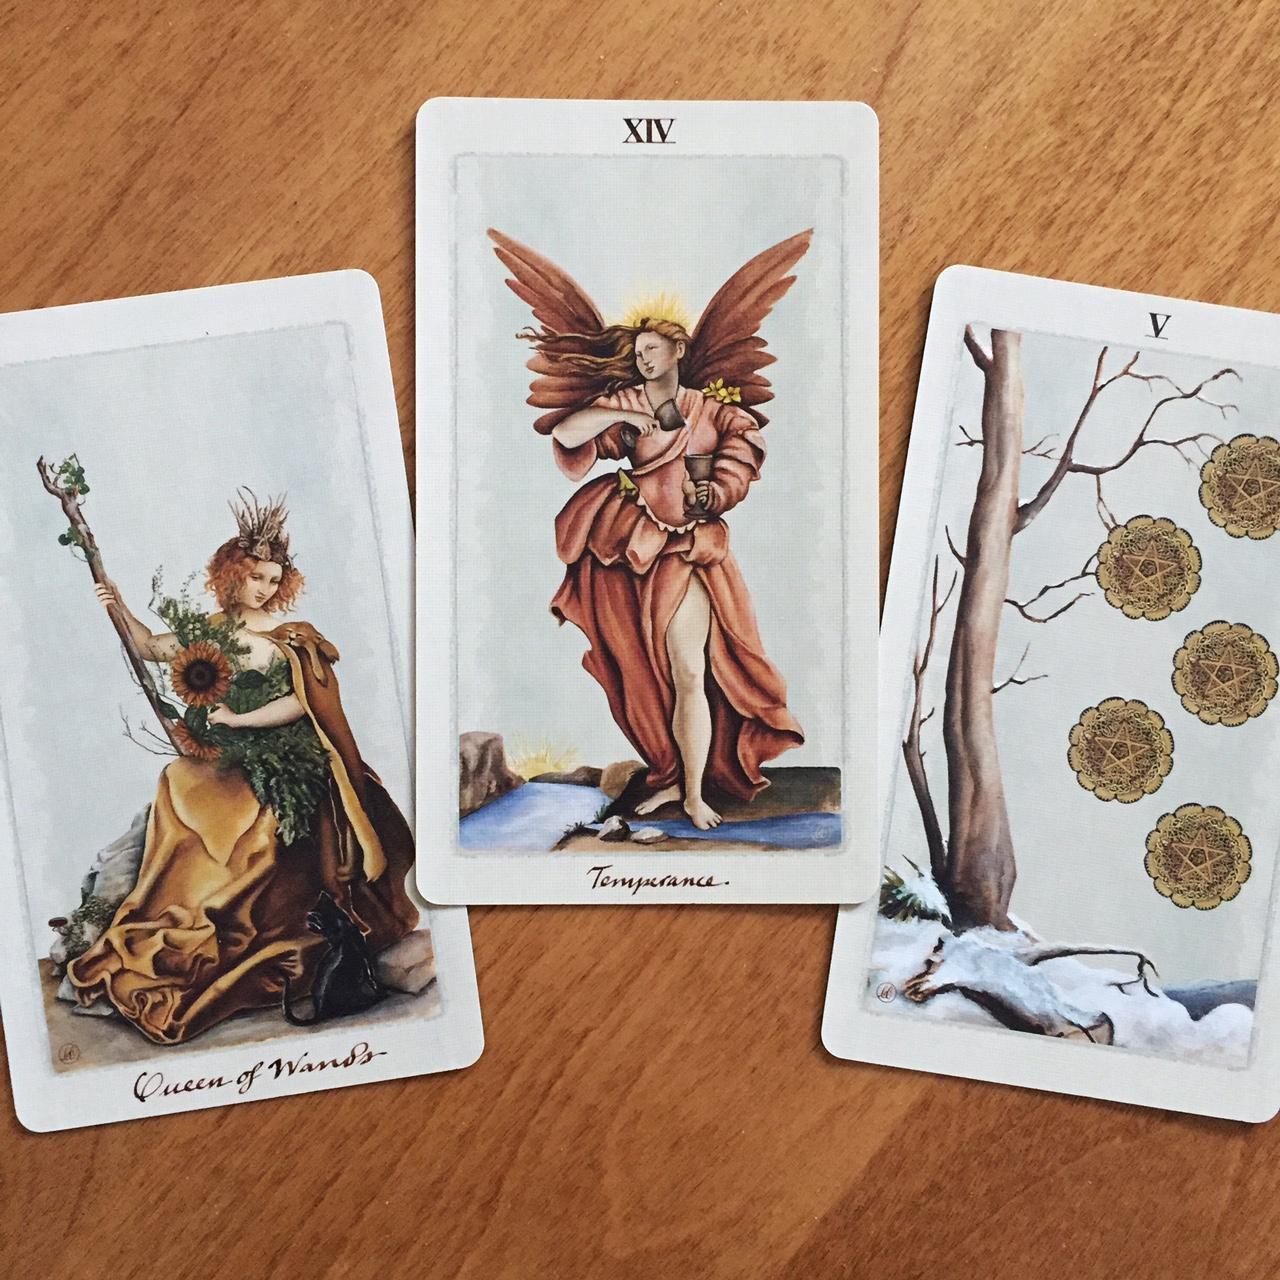 Tarot Reading with the Pagan Otherworlds Tarot